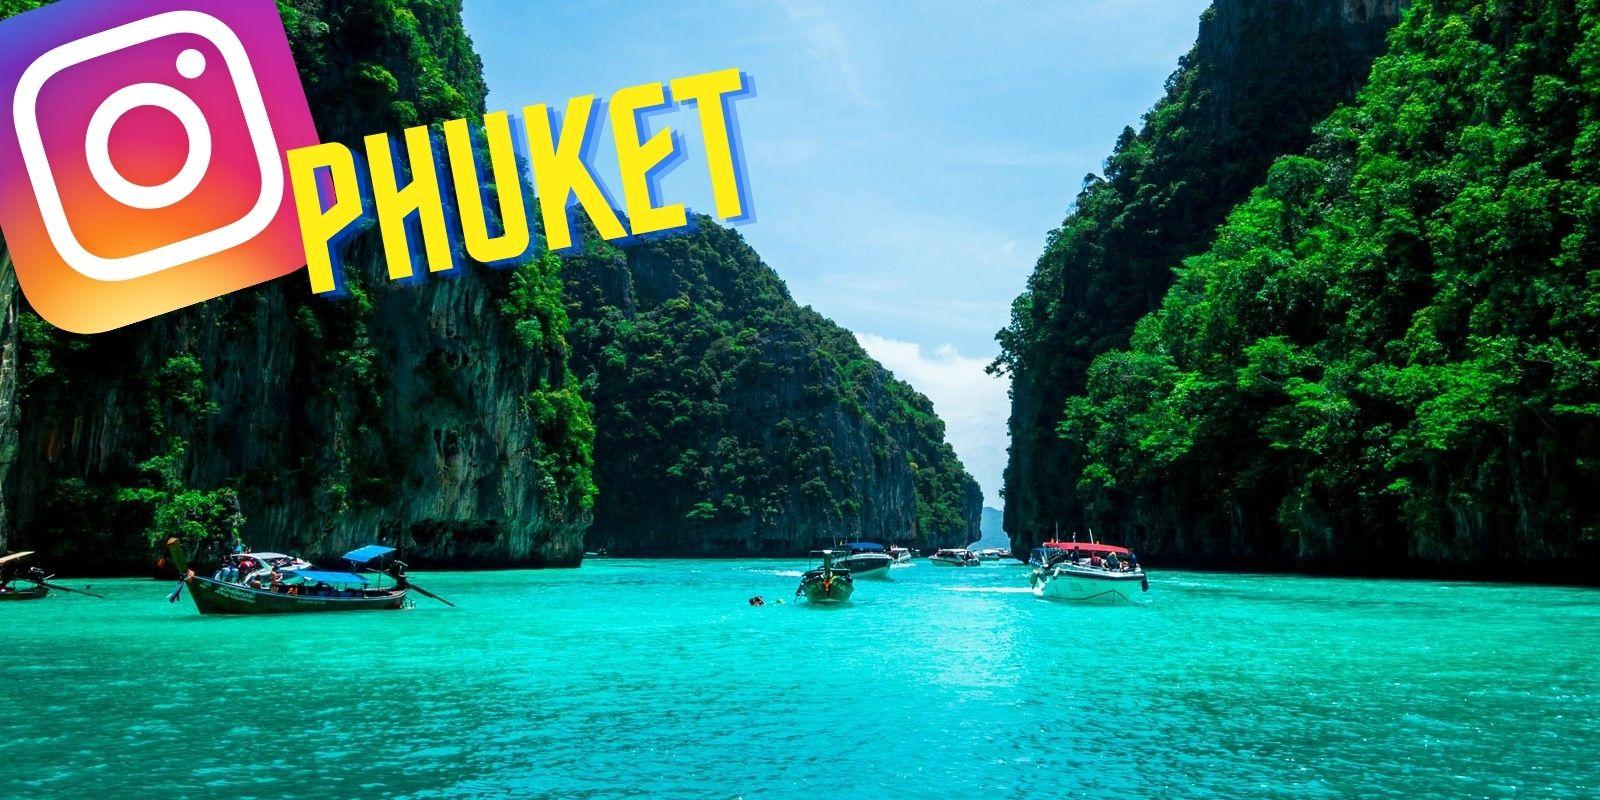 Take an Instagram tour of beautiful Phuket